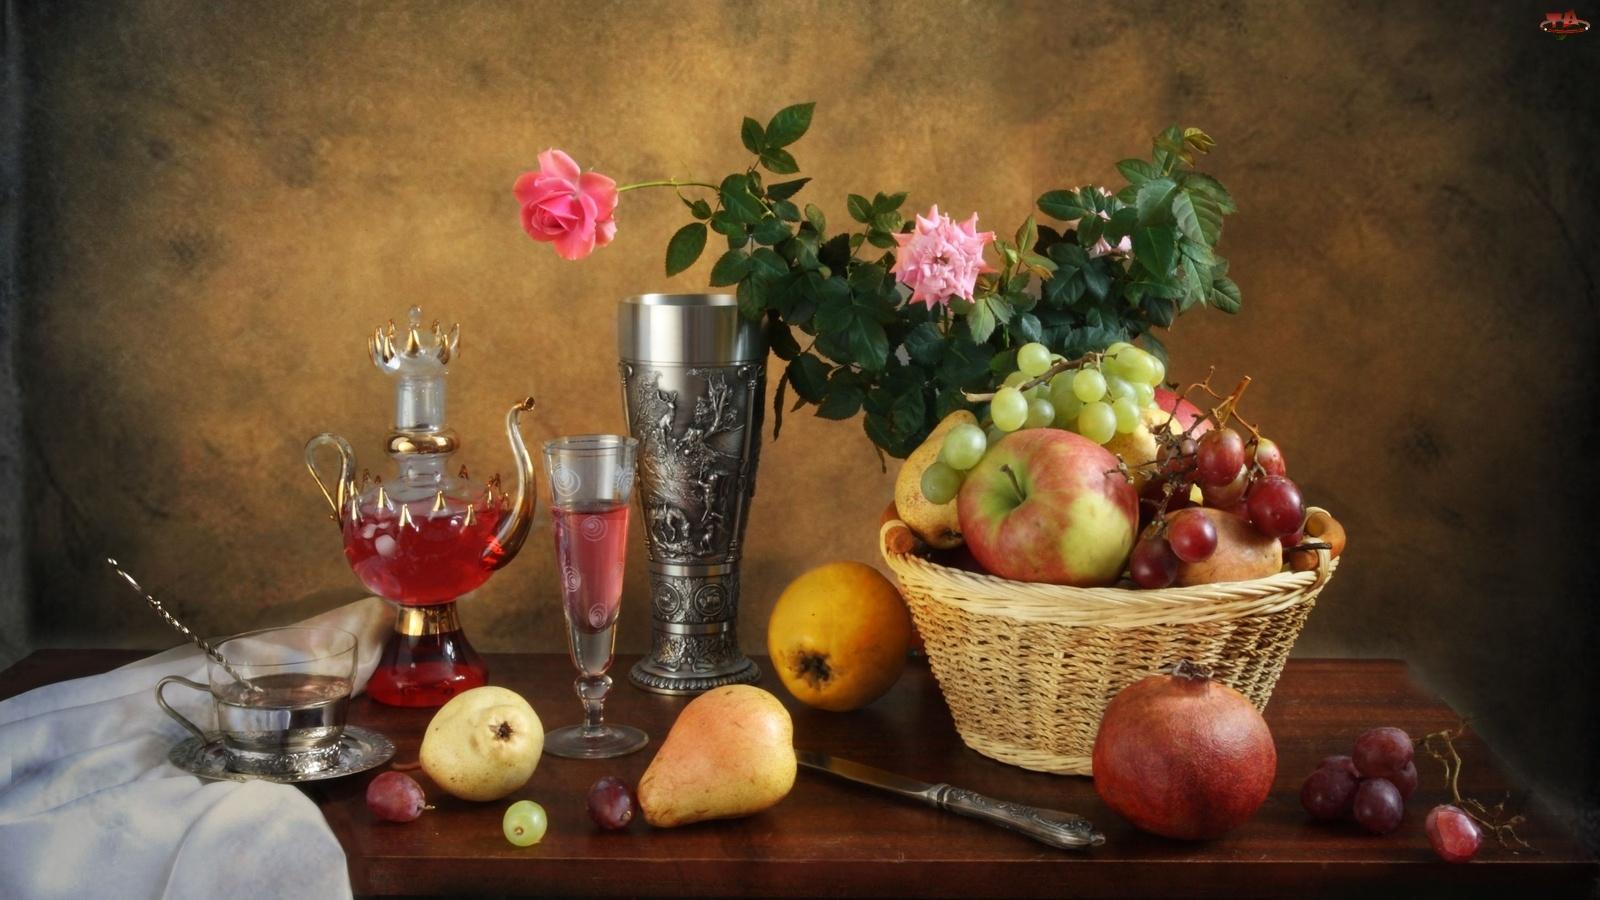 Owoce, Kosz, Wino, Kompozycja, Róże, Kieliszki